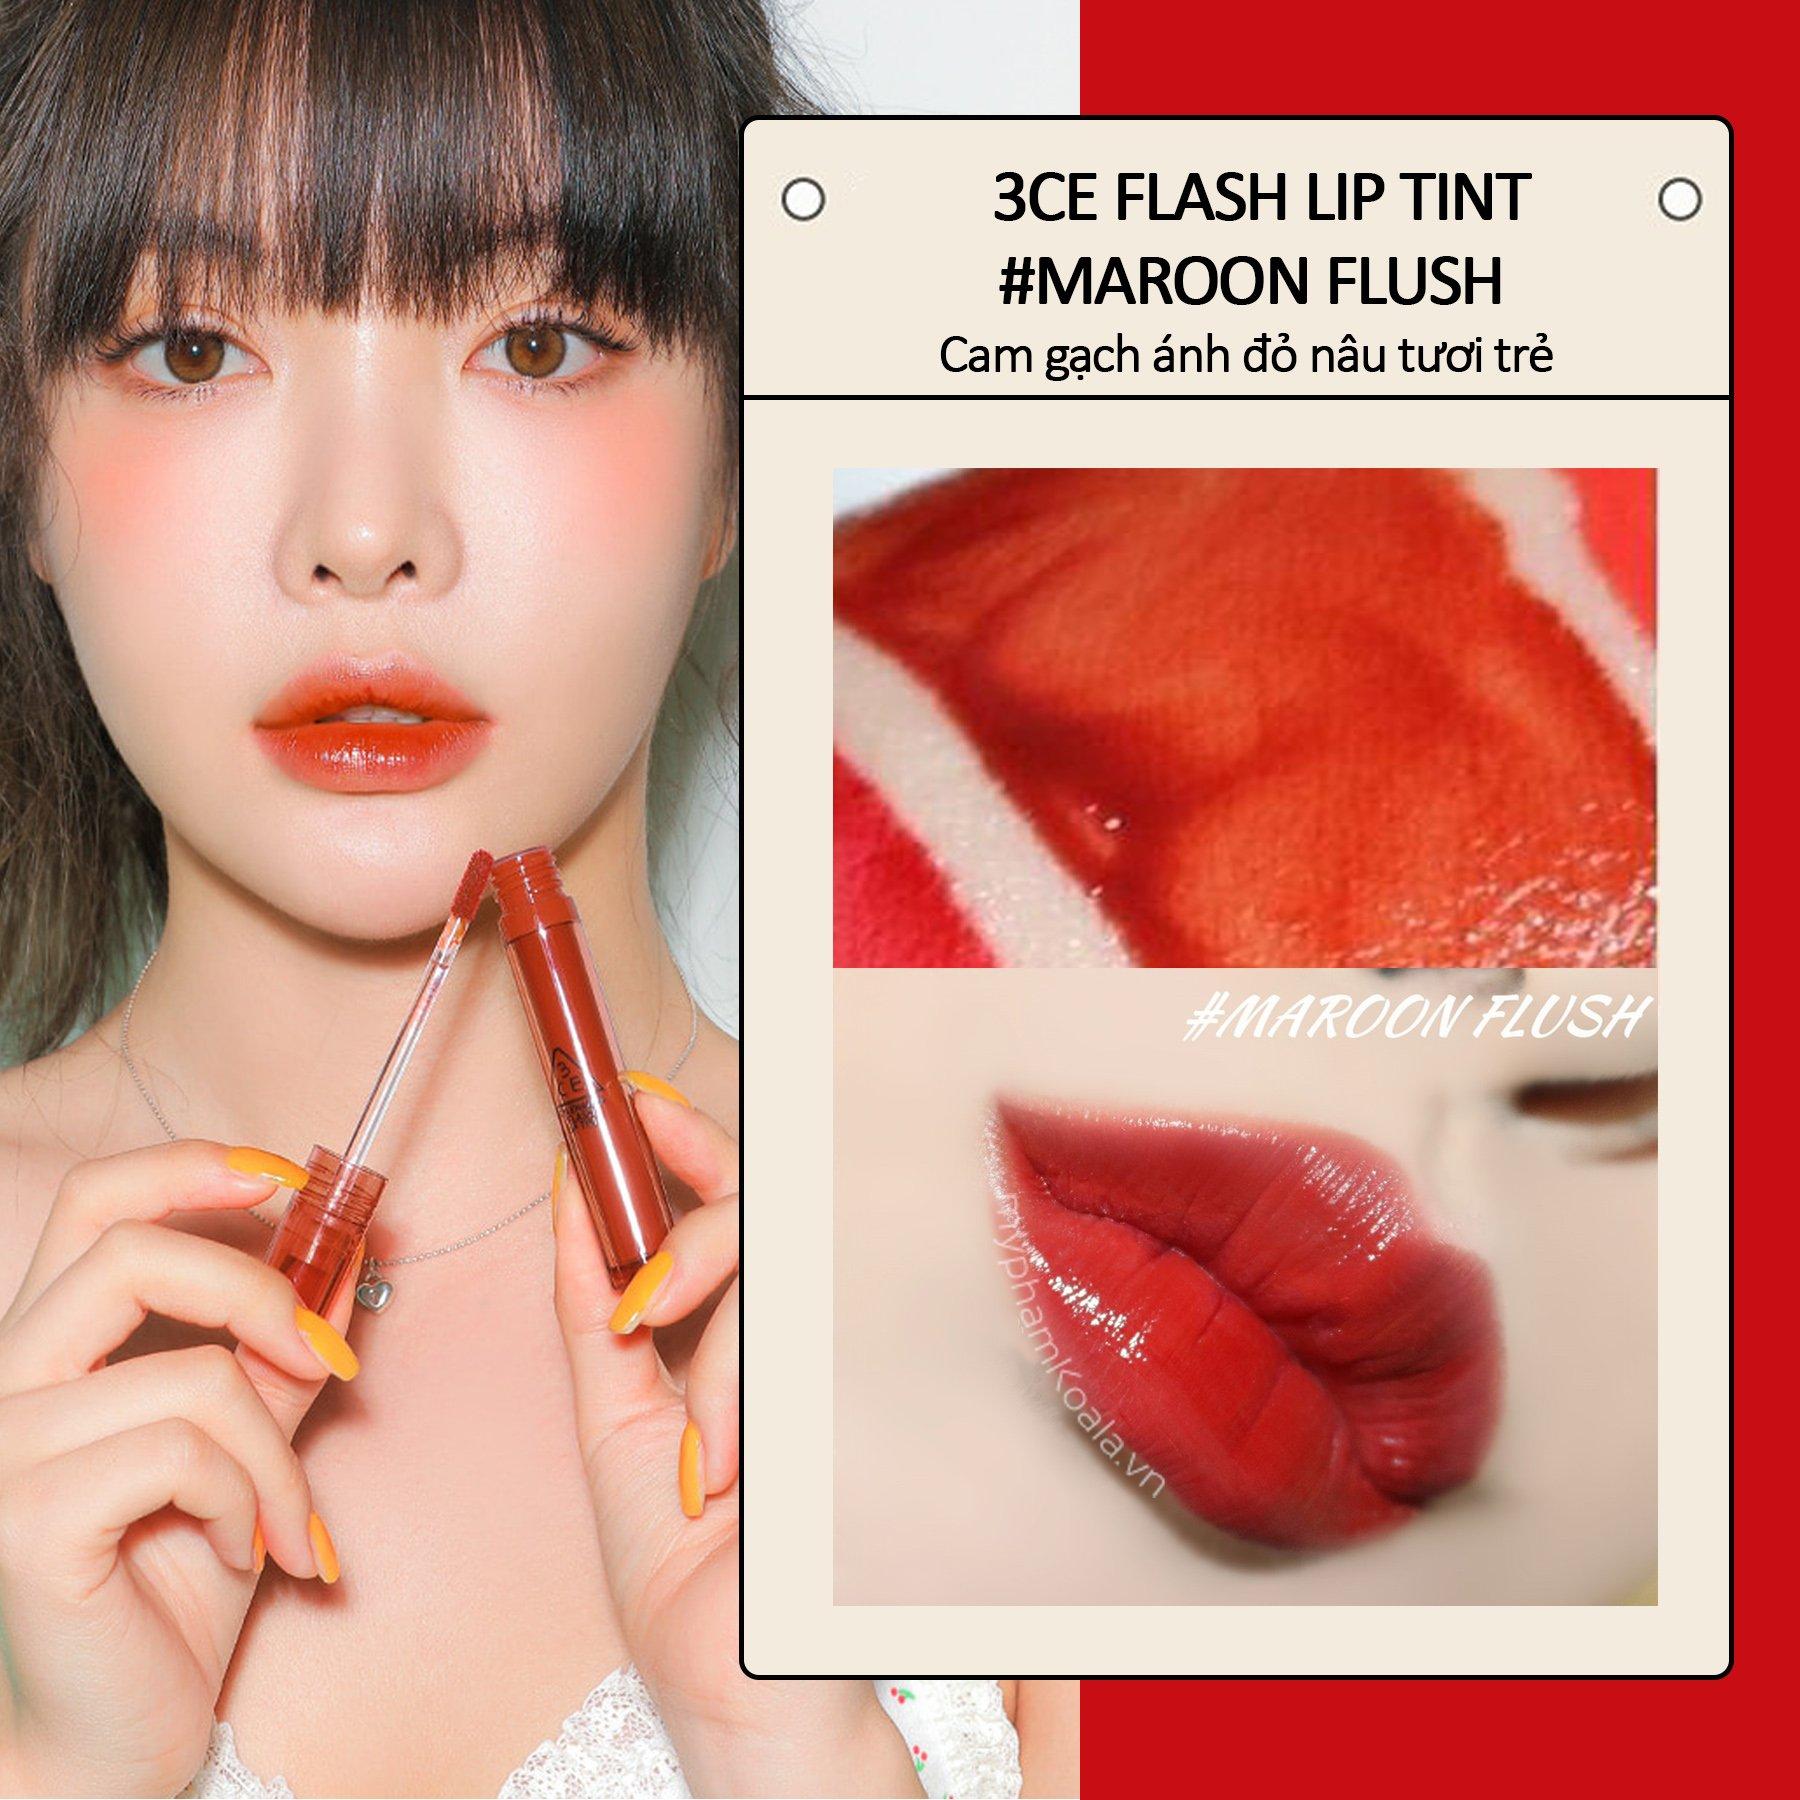 Son Tint Siêu Lì 3CE Flash Lip Tint